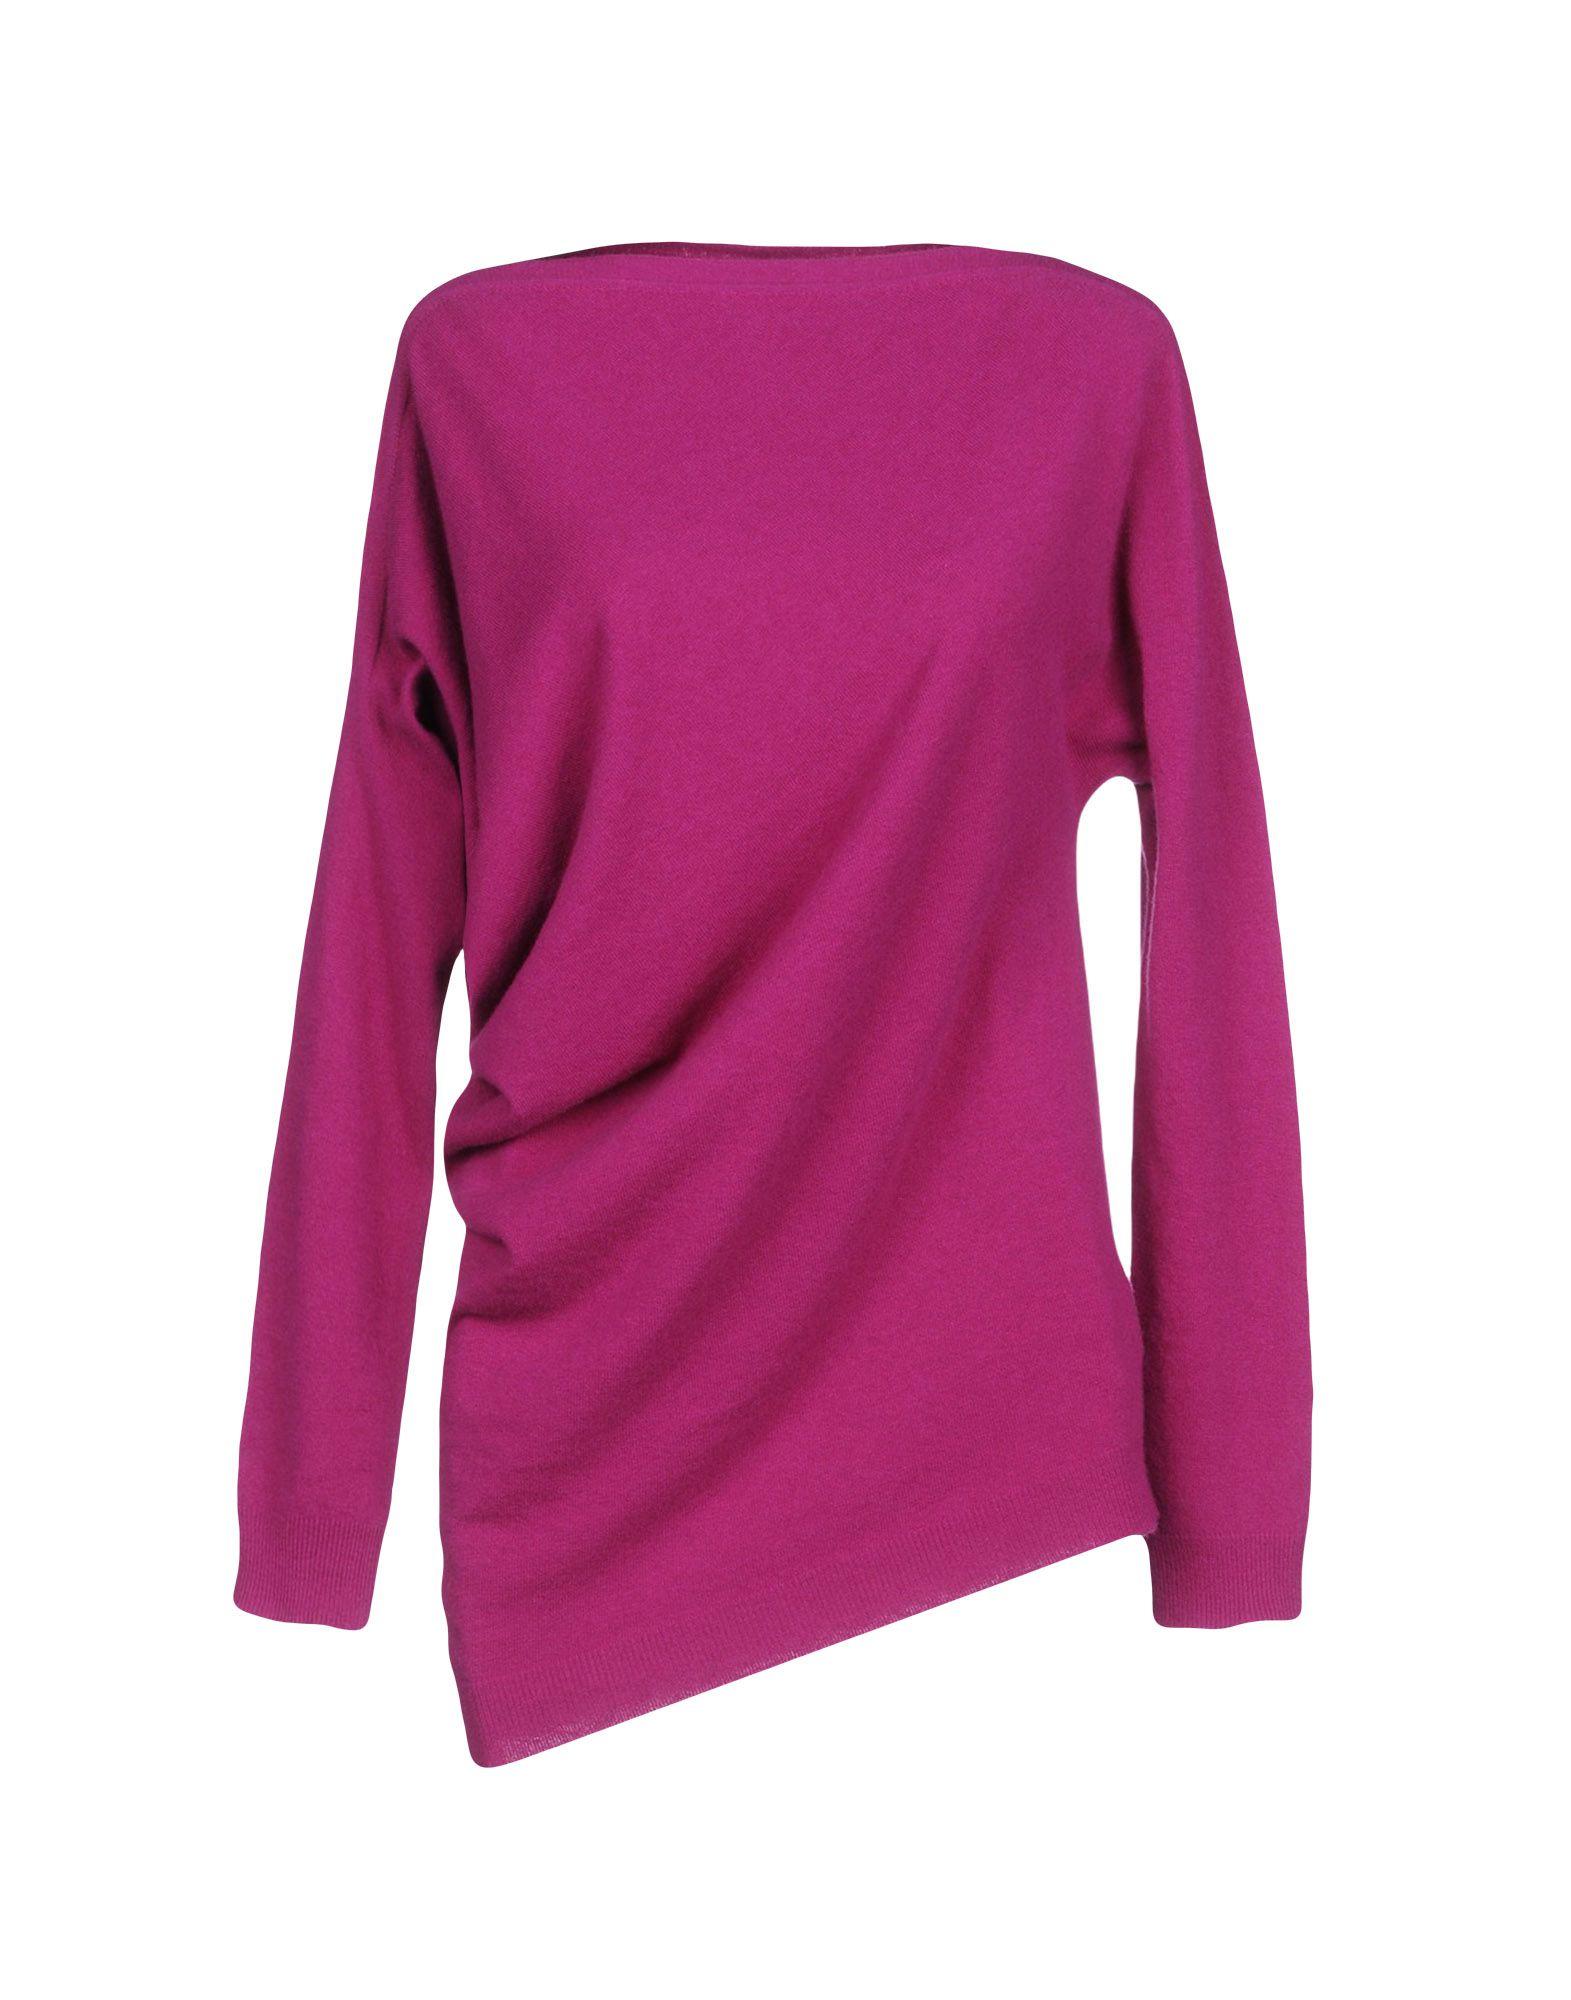 Pullover Liviana Conti Donna - Acquista online su PCfbw